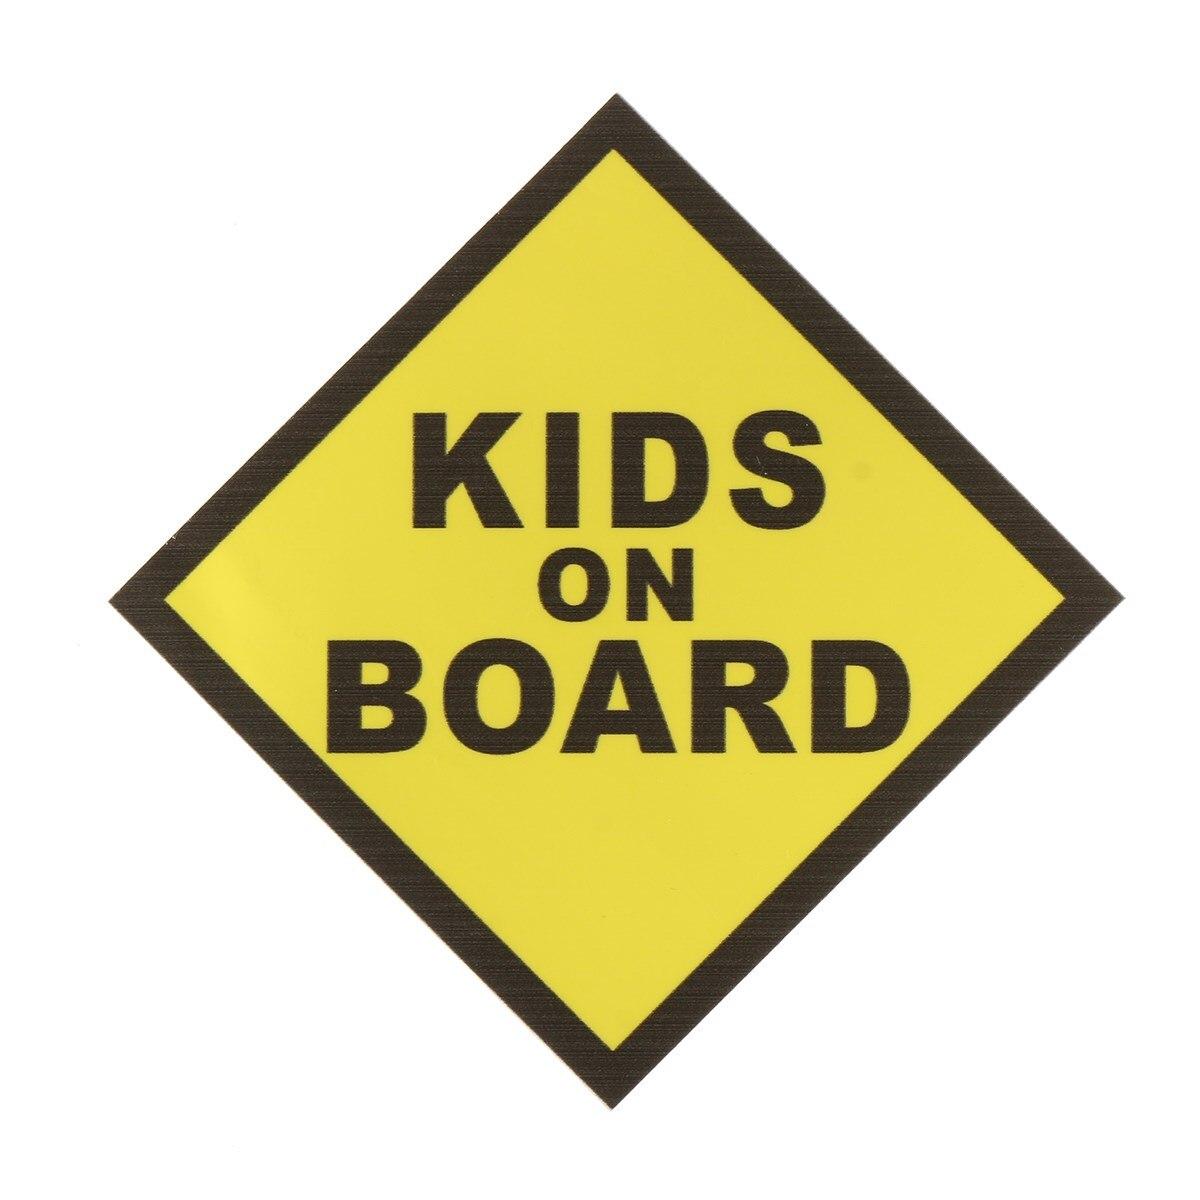 130x130 мм дети на борту Предупреждение Детская безопасность знак Стикеры Виниловая наклейка для окна автомобиля Сигнальные ленты